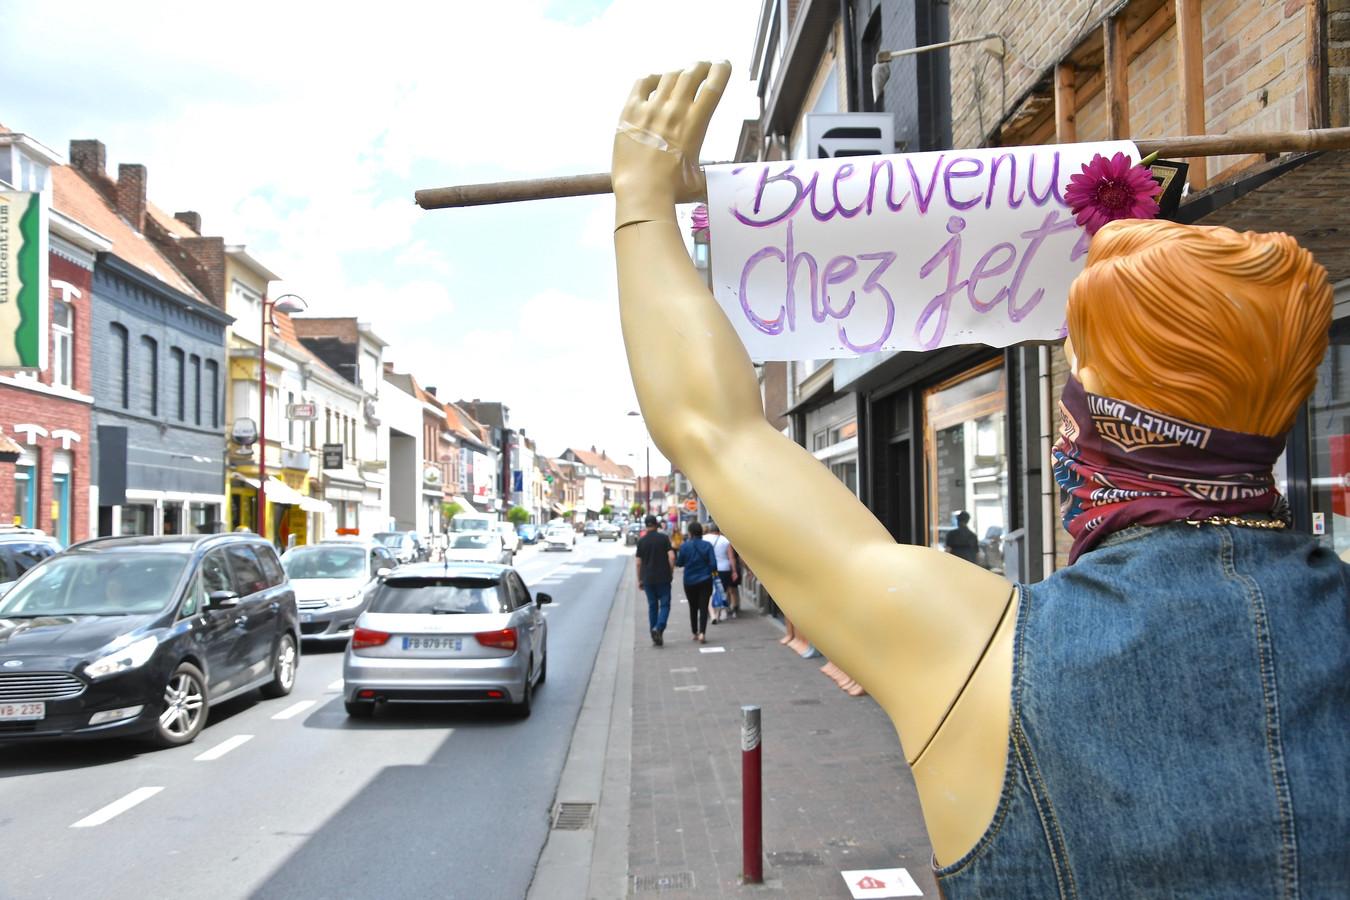 De mondmaskerplicht in de Rijselstraat is voor onbepaalde duur verlengd